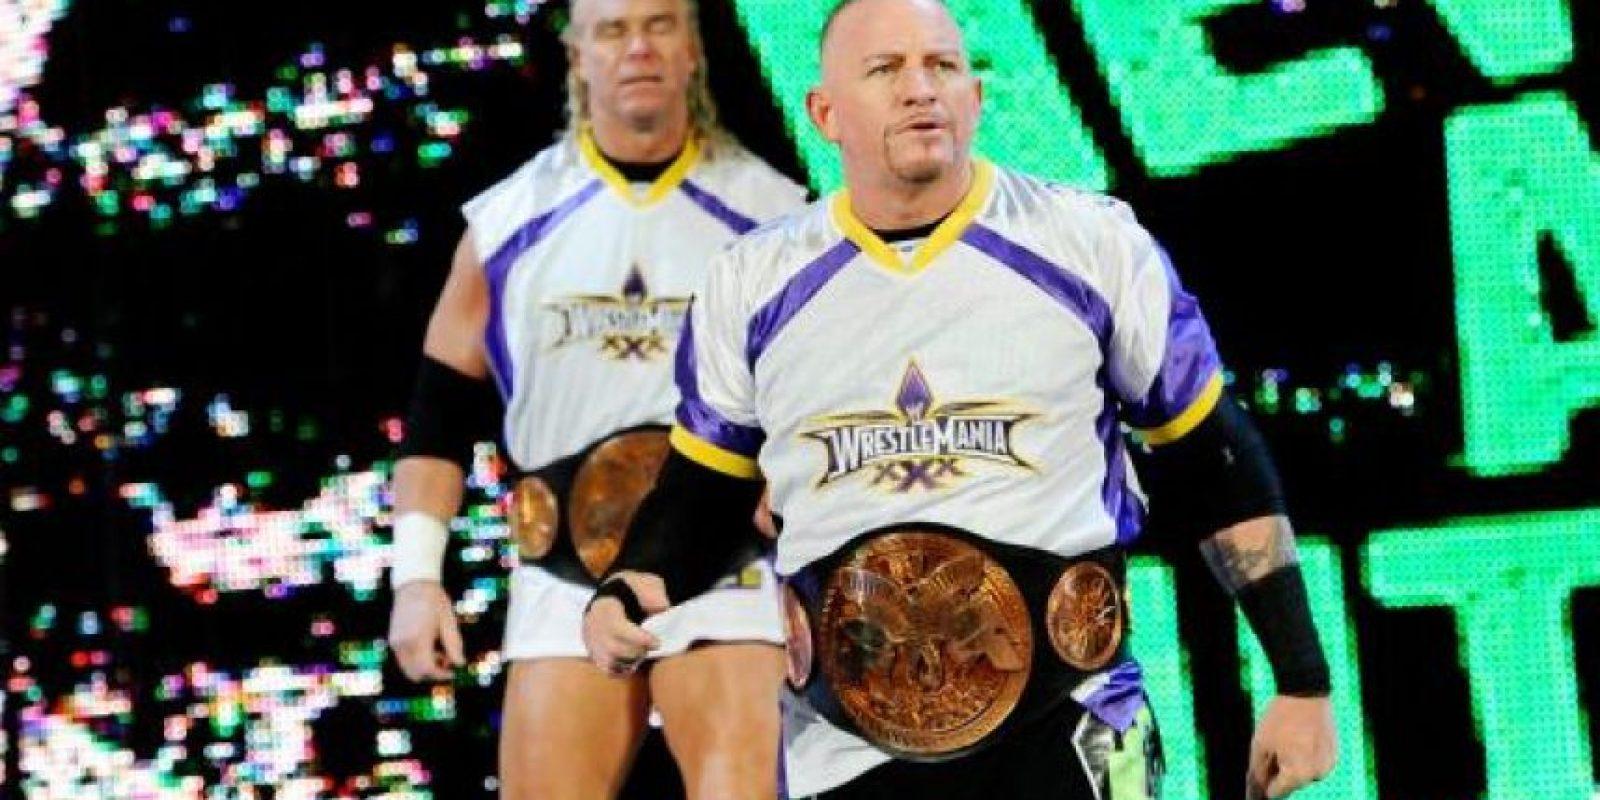 Fue detenido en 1990 por conducta desodenada Foto:WWE